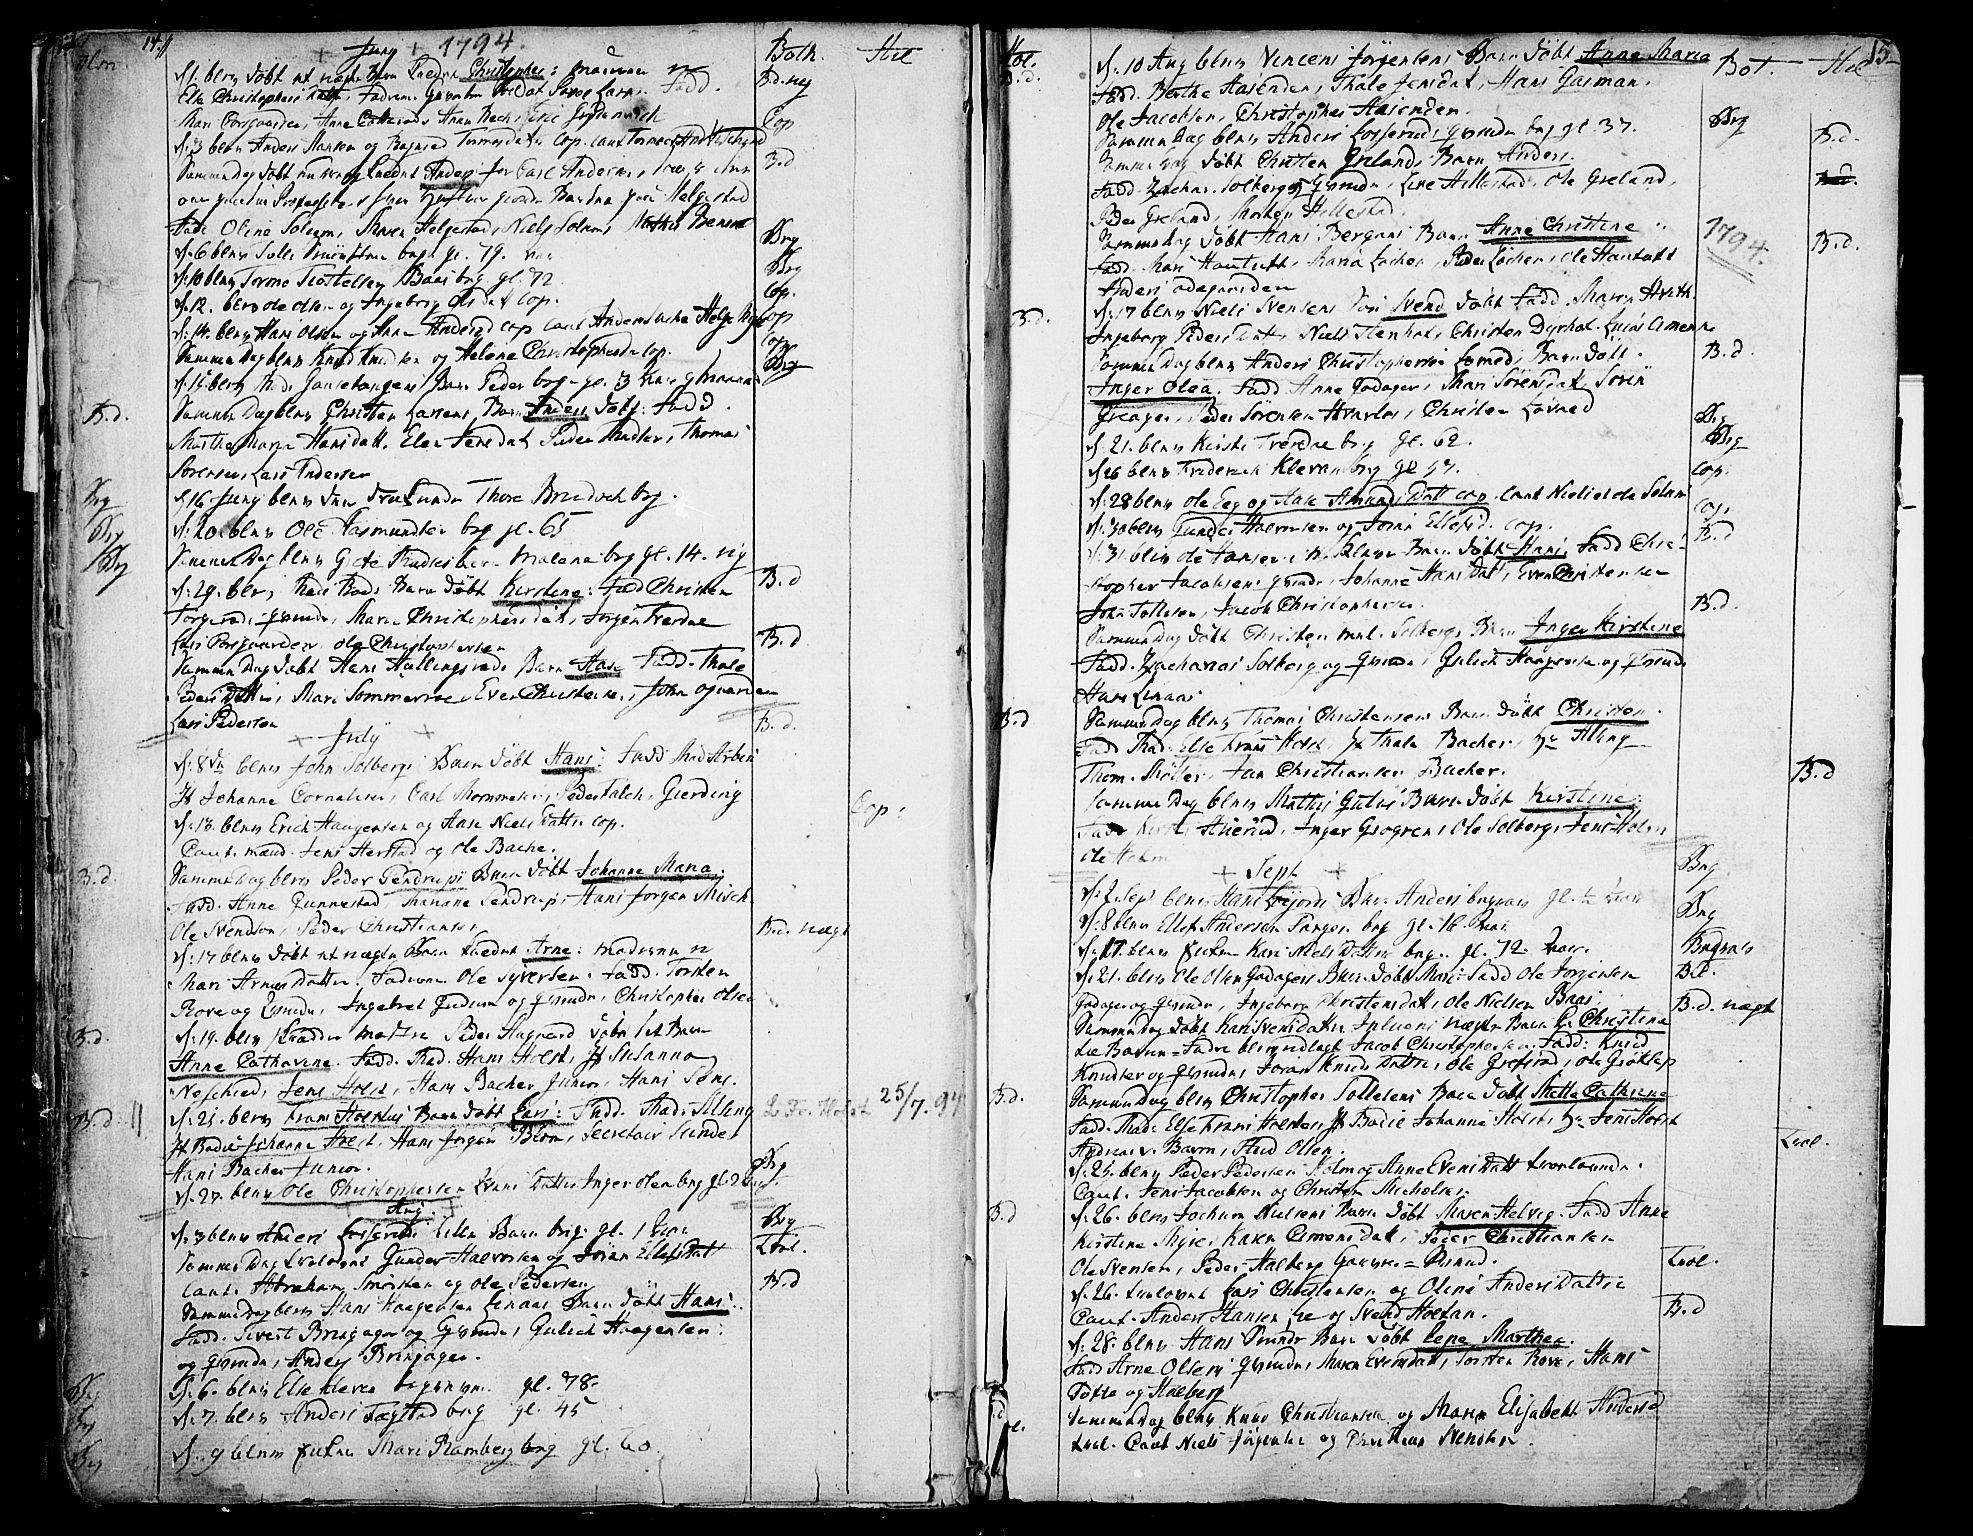 SAKO, Botne kirkebøker, F/Fa/L0003: Ministerialbok nr. I 3 /1, 1792-1844, s. 14-15